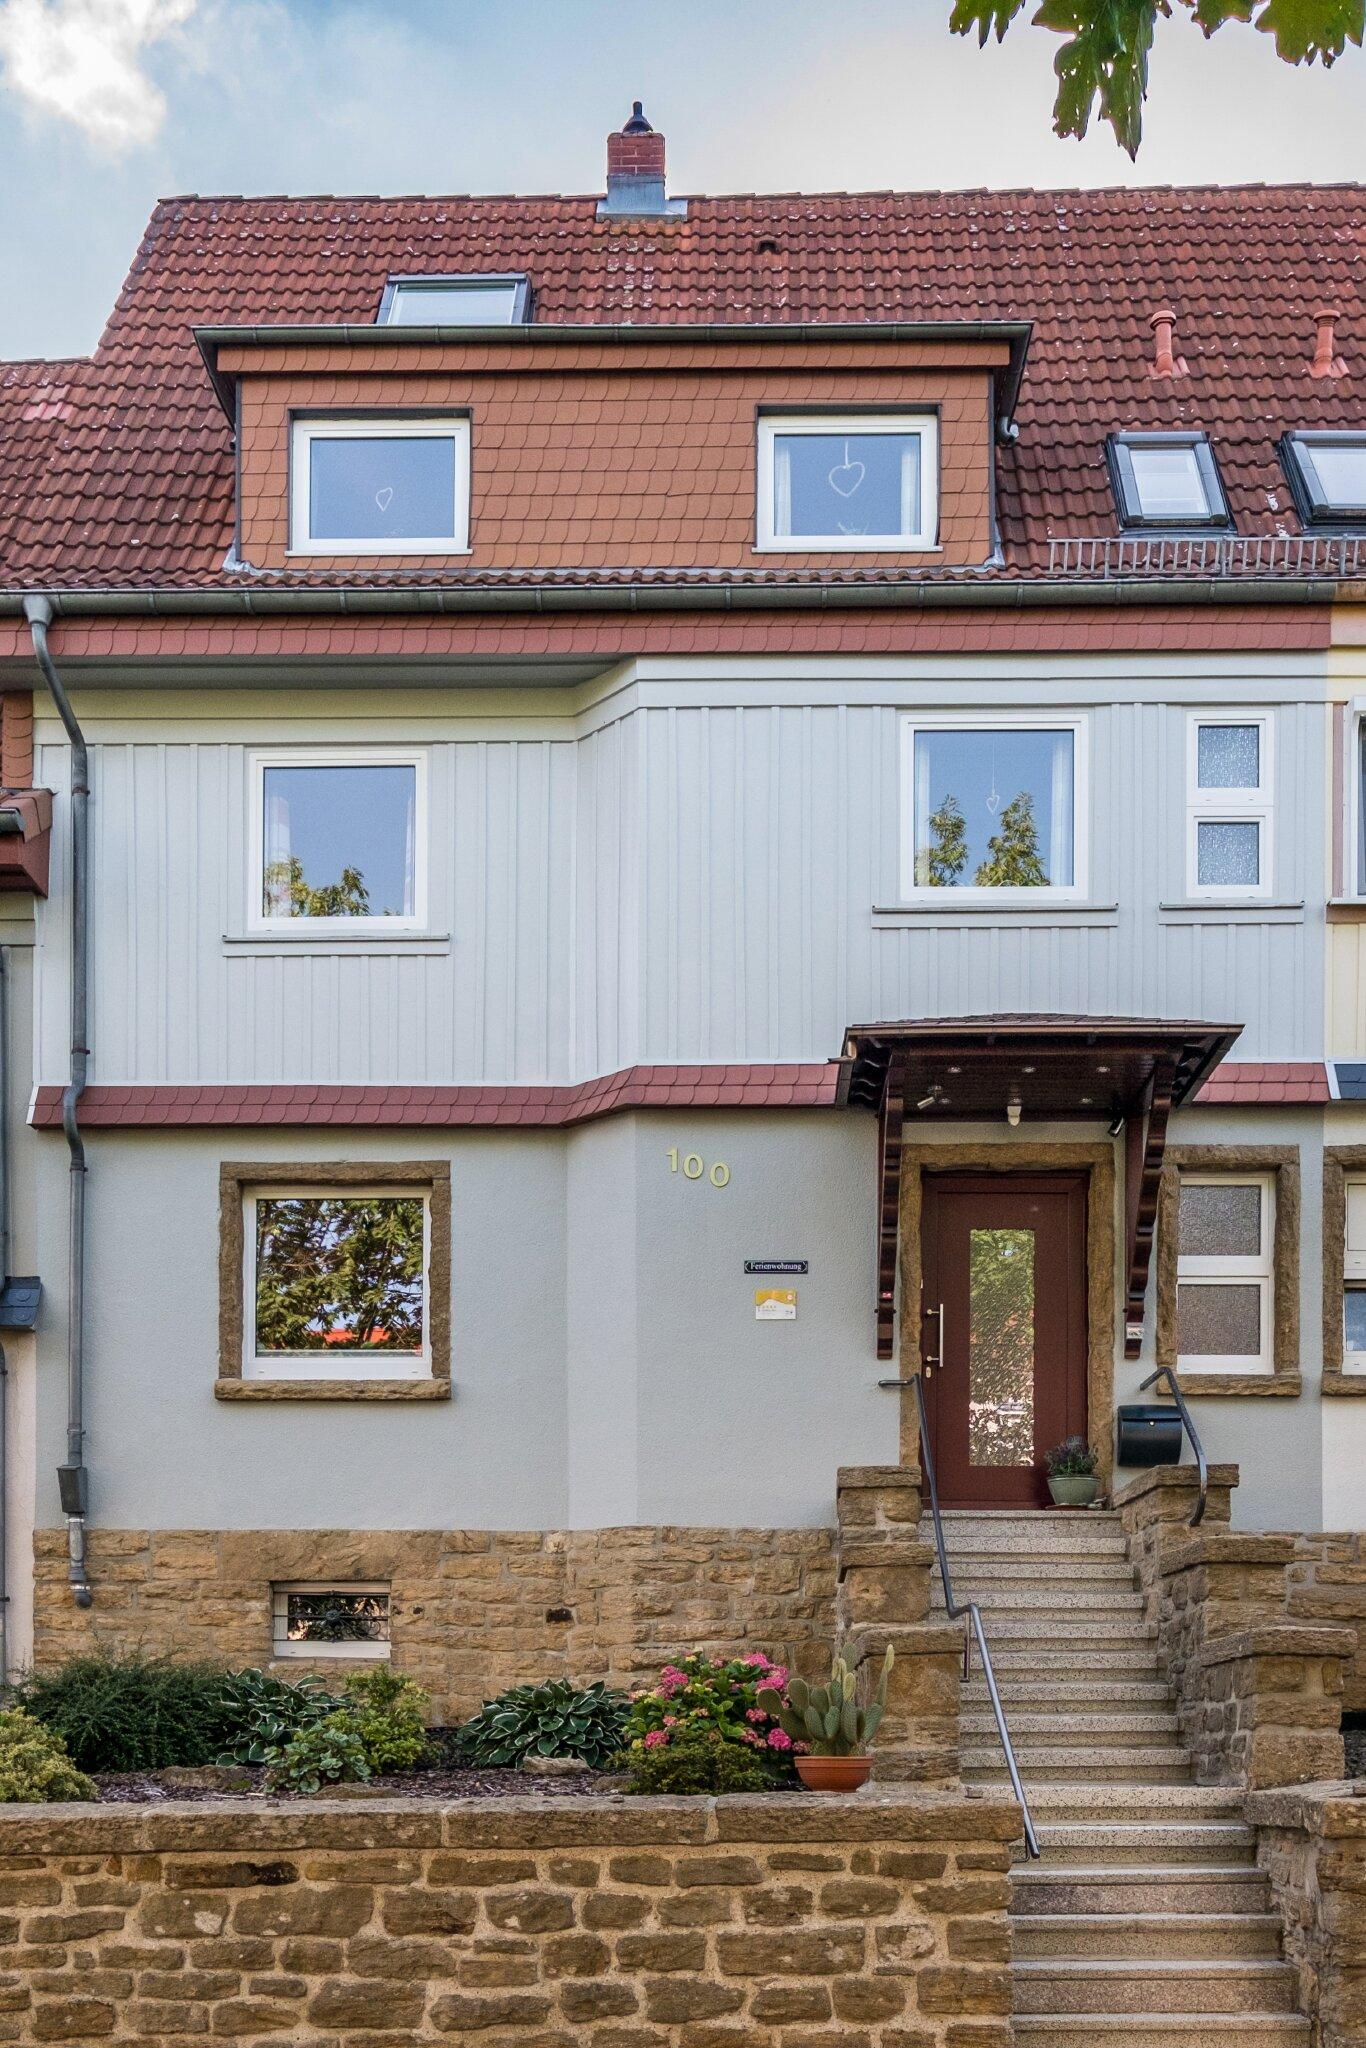 ferienwohnung hellmann in goslar niedersachsen lutz hellmann. Black Bedroom Furniture Sets. Home Design Ideas